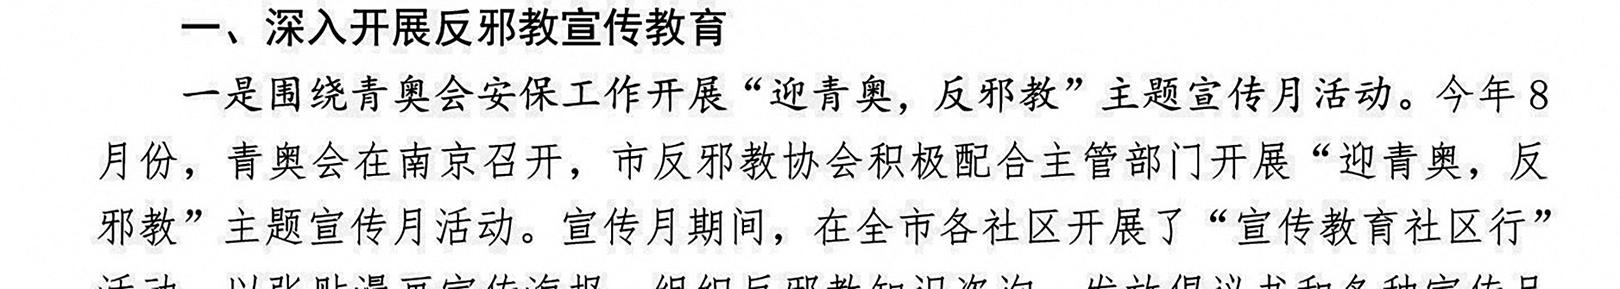 《南京市反邪教協會2014年工作總結》文件截圖。(大紀元)